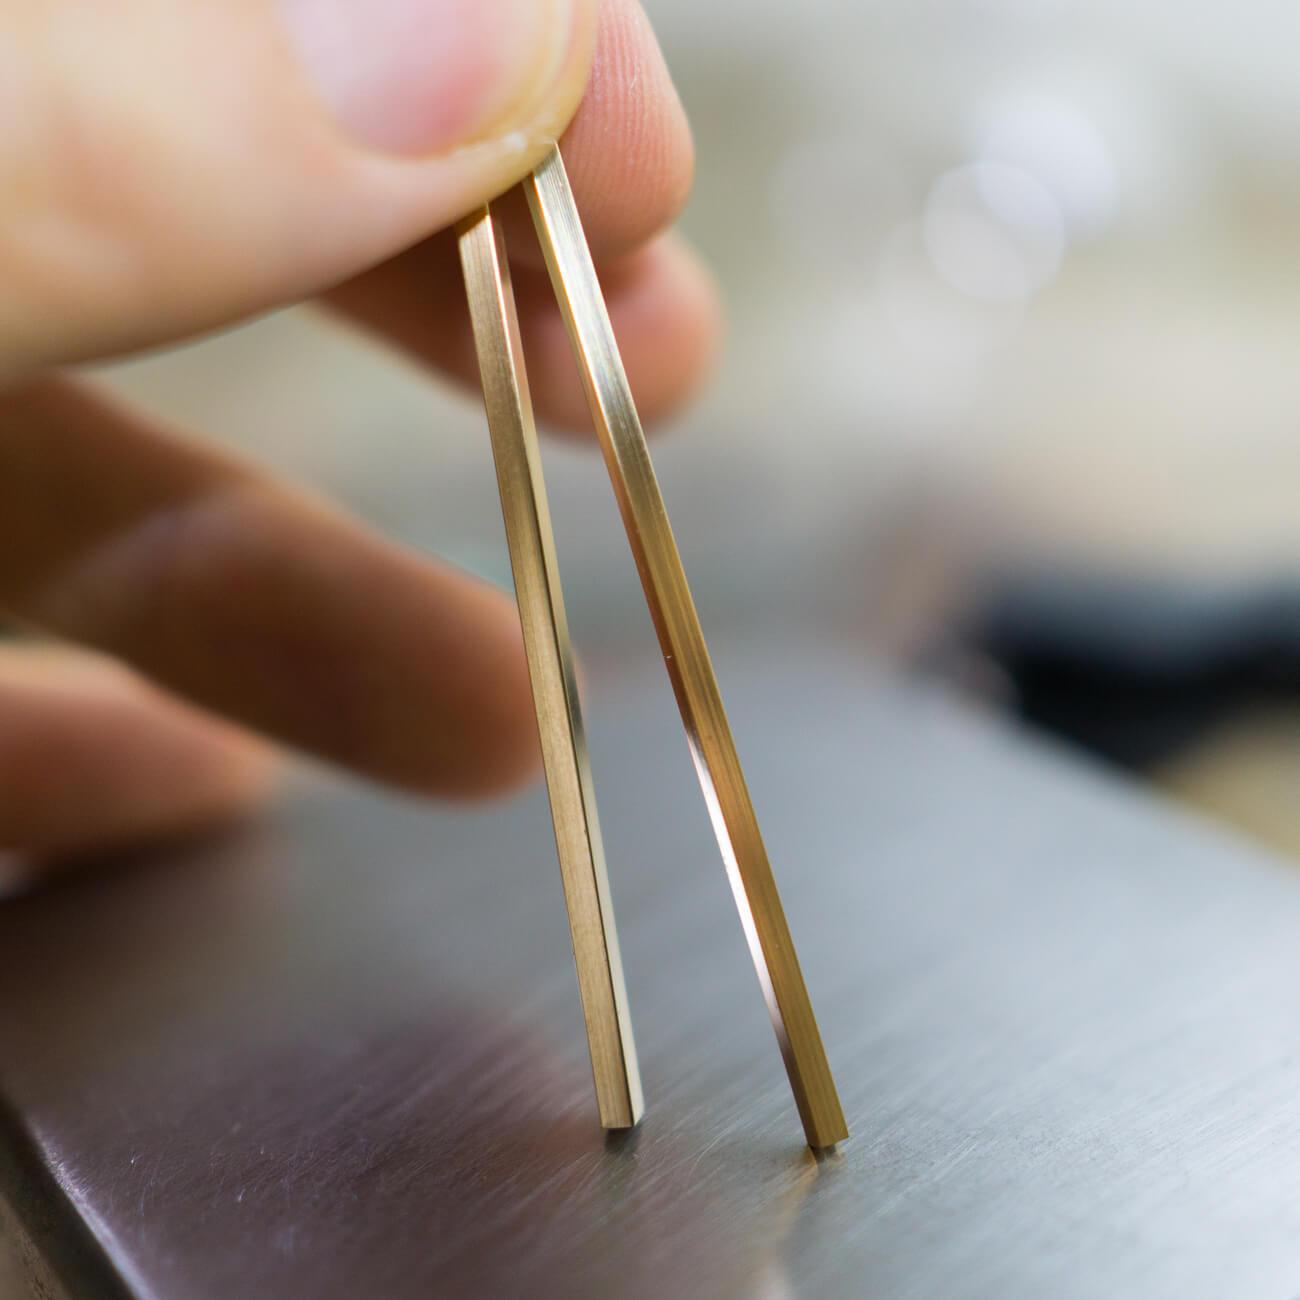 角度2 オーダーメイドマリッジリングの素材 ゴールド ジュエリーのアトリエ 手に持って 屋久島でつくる結婚指輪